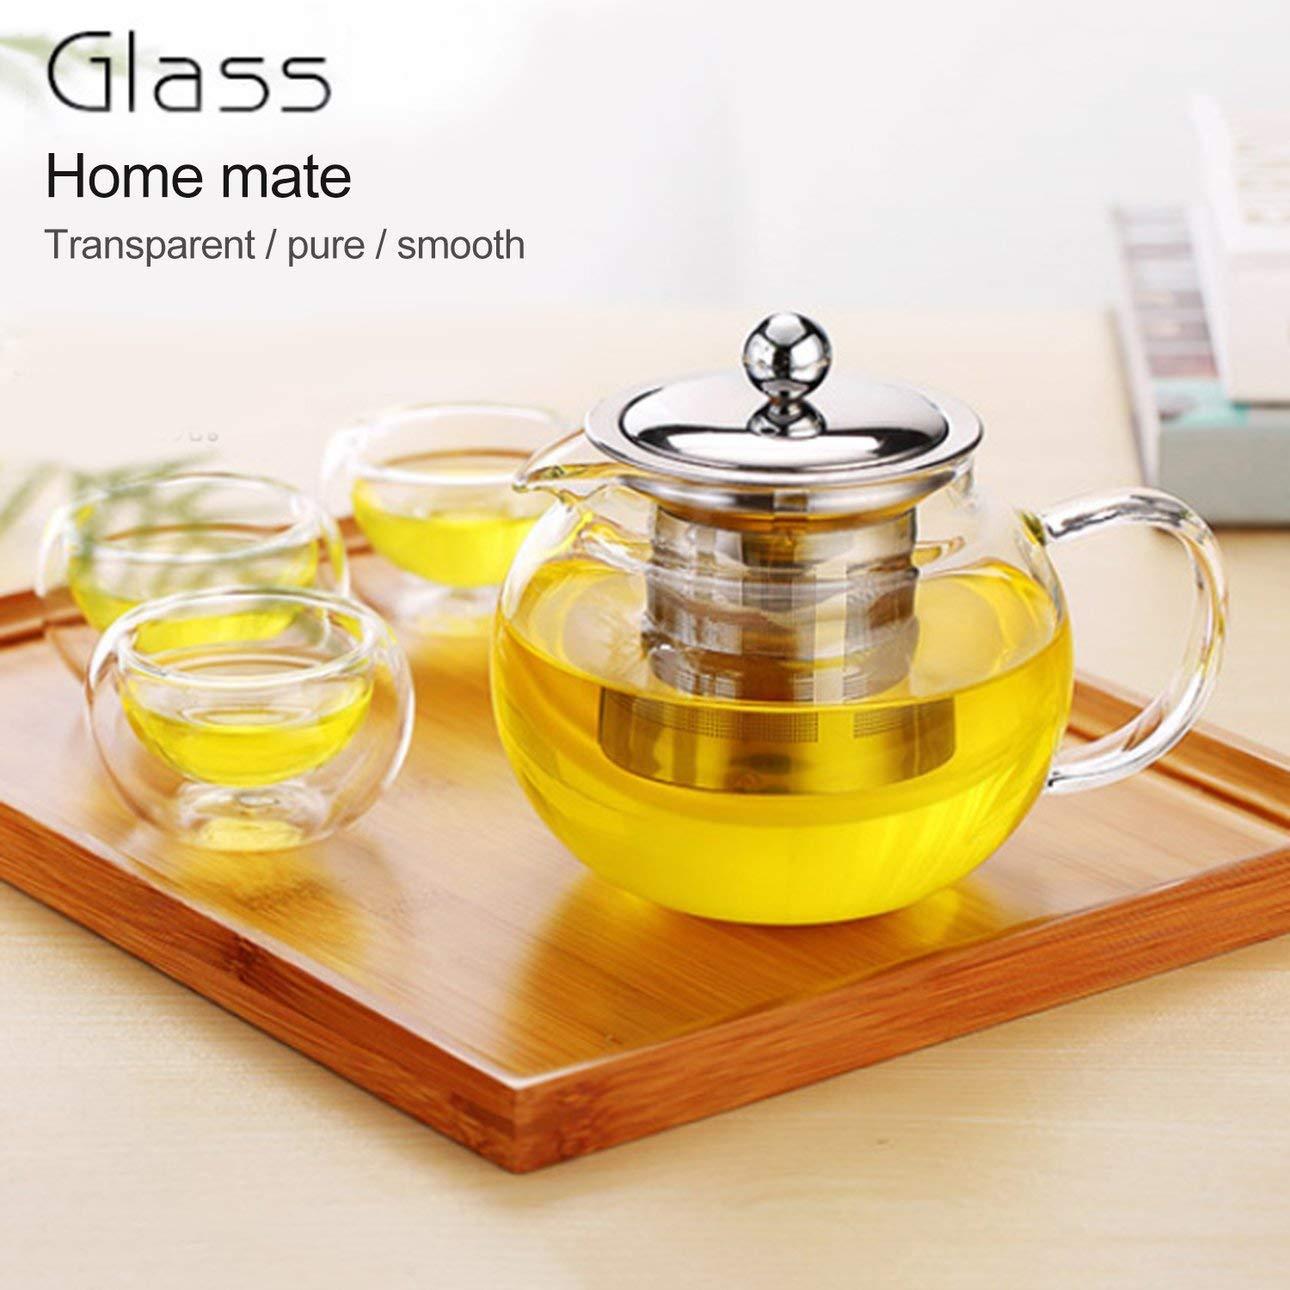 Ballylelly Tetera de vidrio de borosilicato transparente de alta resistencia a la temperatura Tetera de vidrio elegante con infusor de acero inoxidable